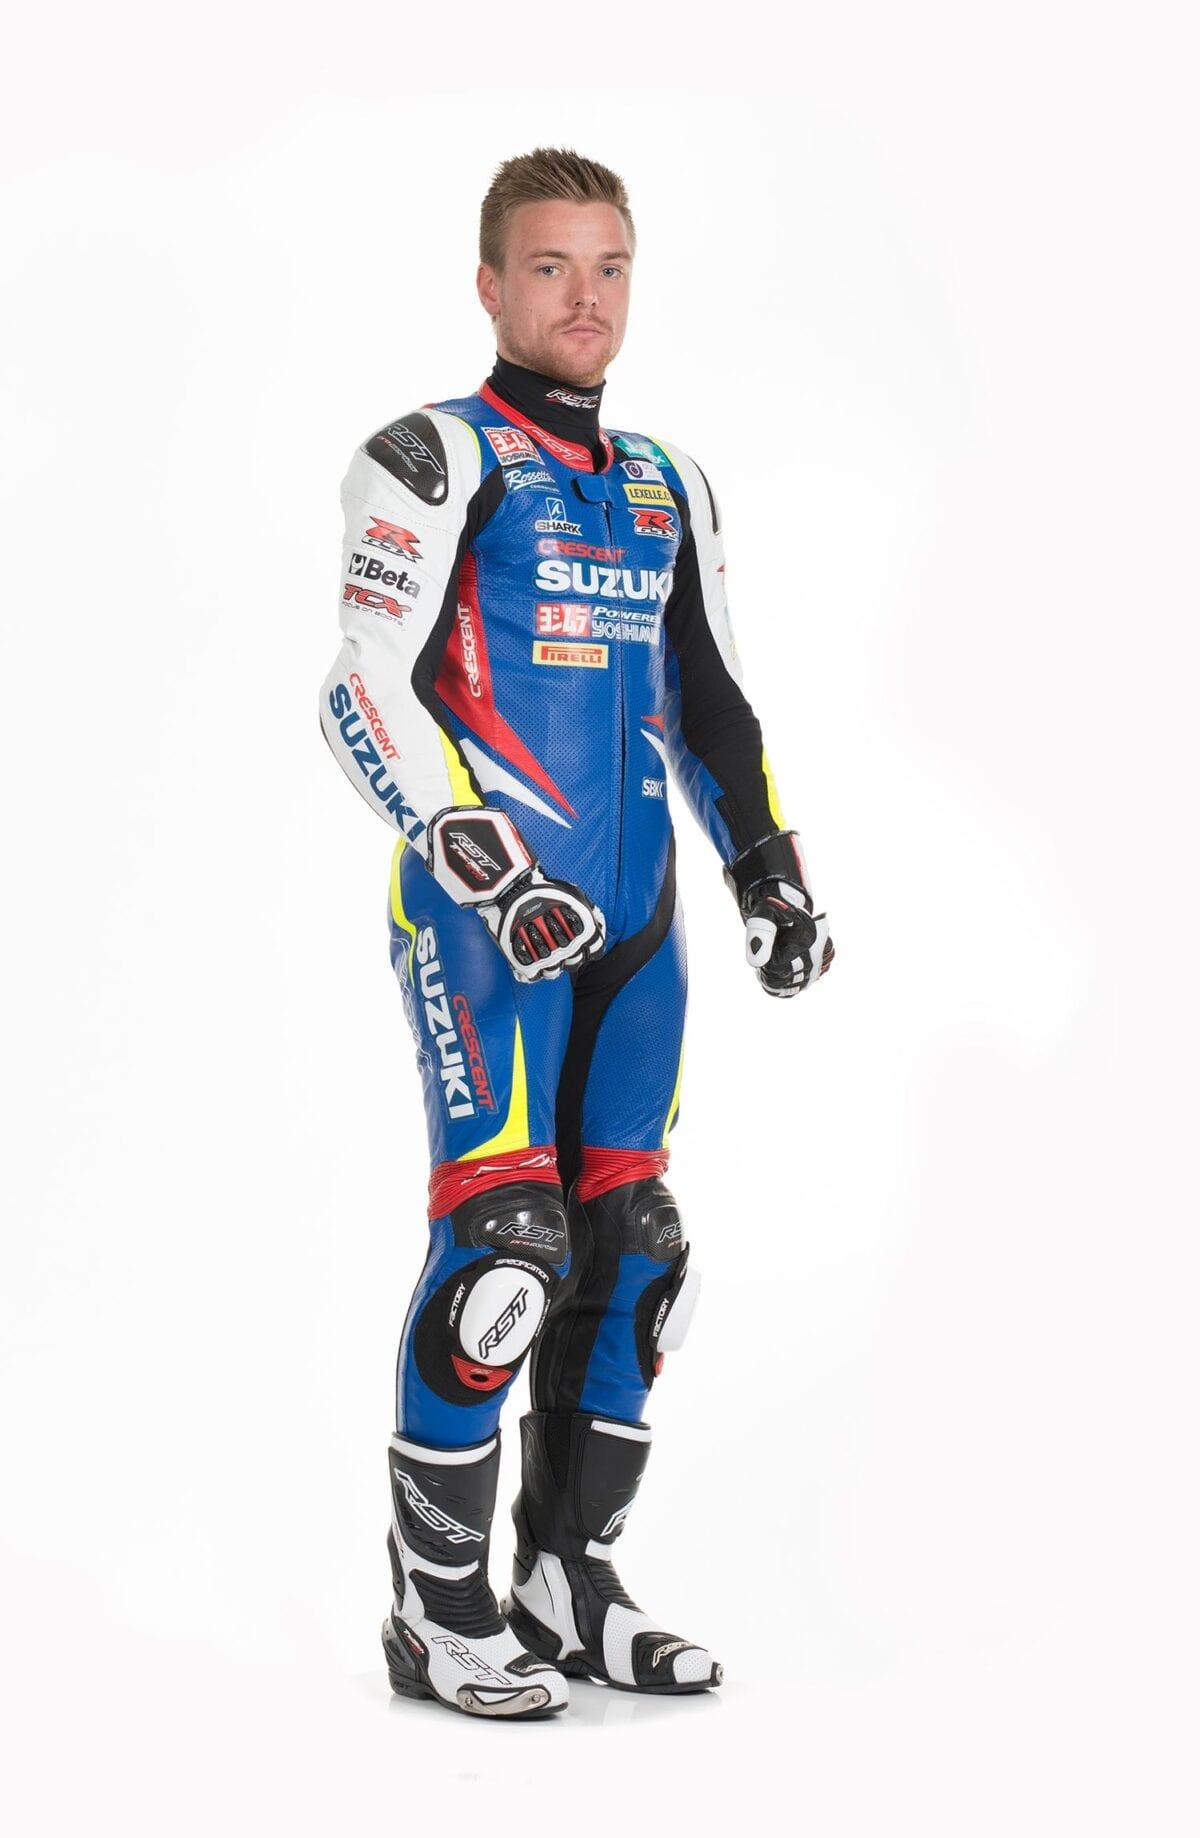 Alex-Lowes-Suzuki-RST-002